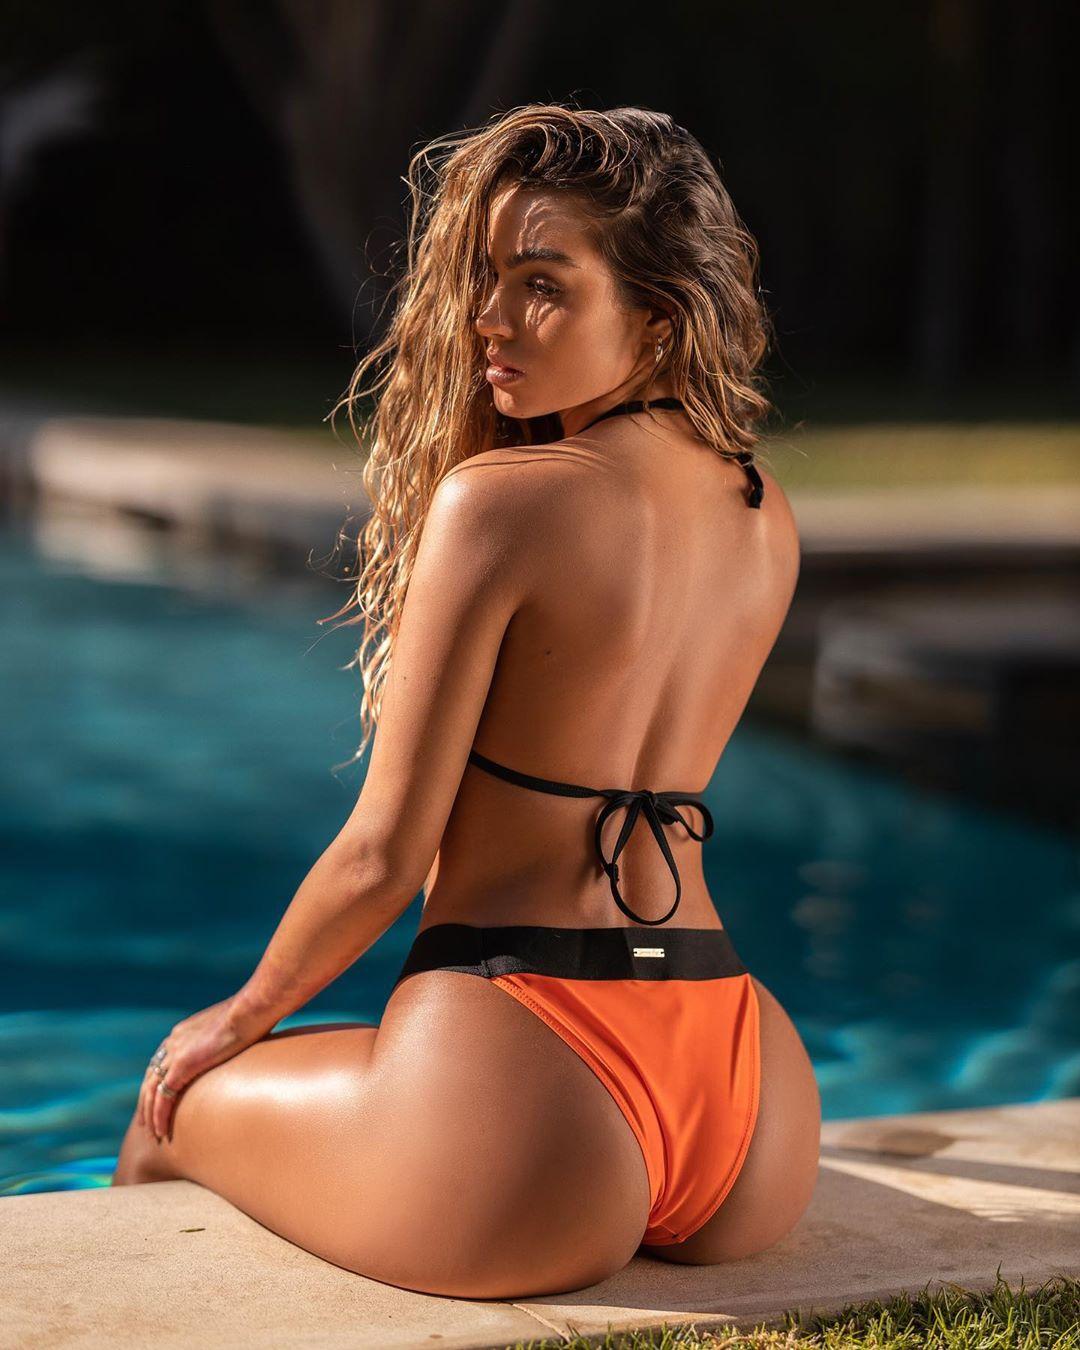 Sommer Ray 2020 : Sommer Ray – Bikini photoshoot-01